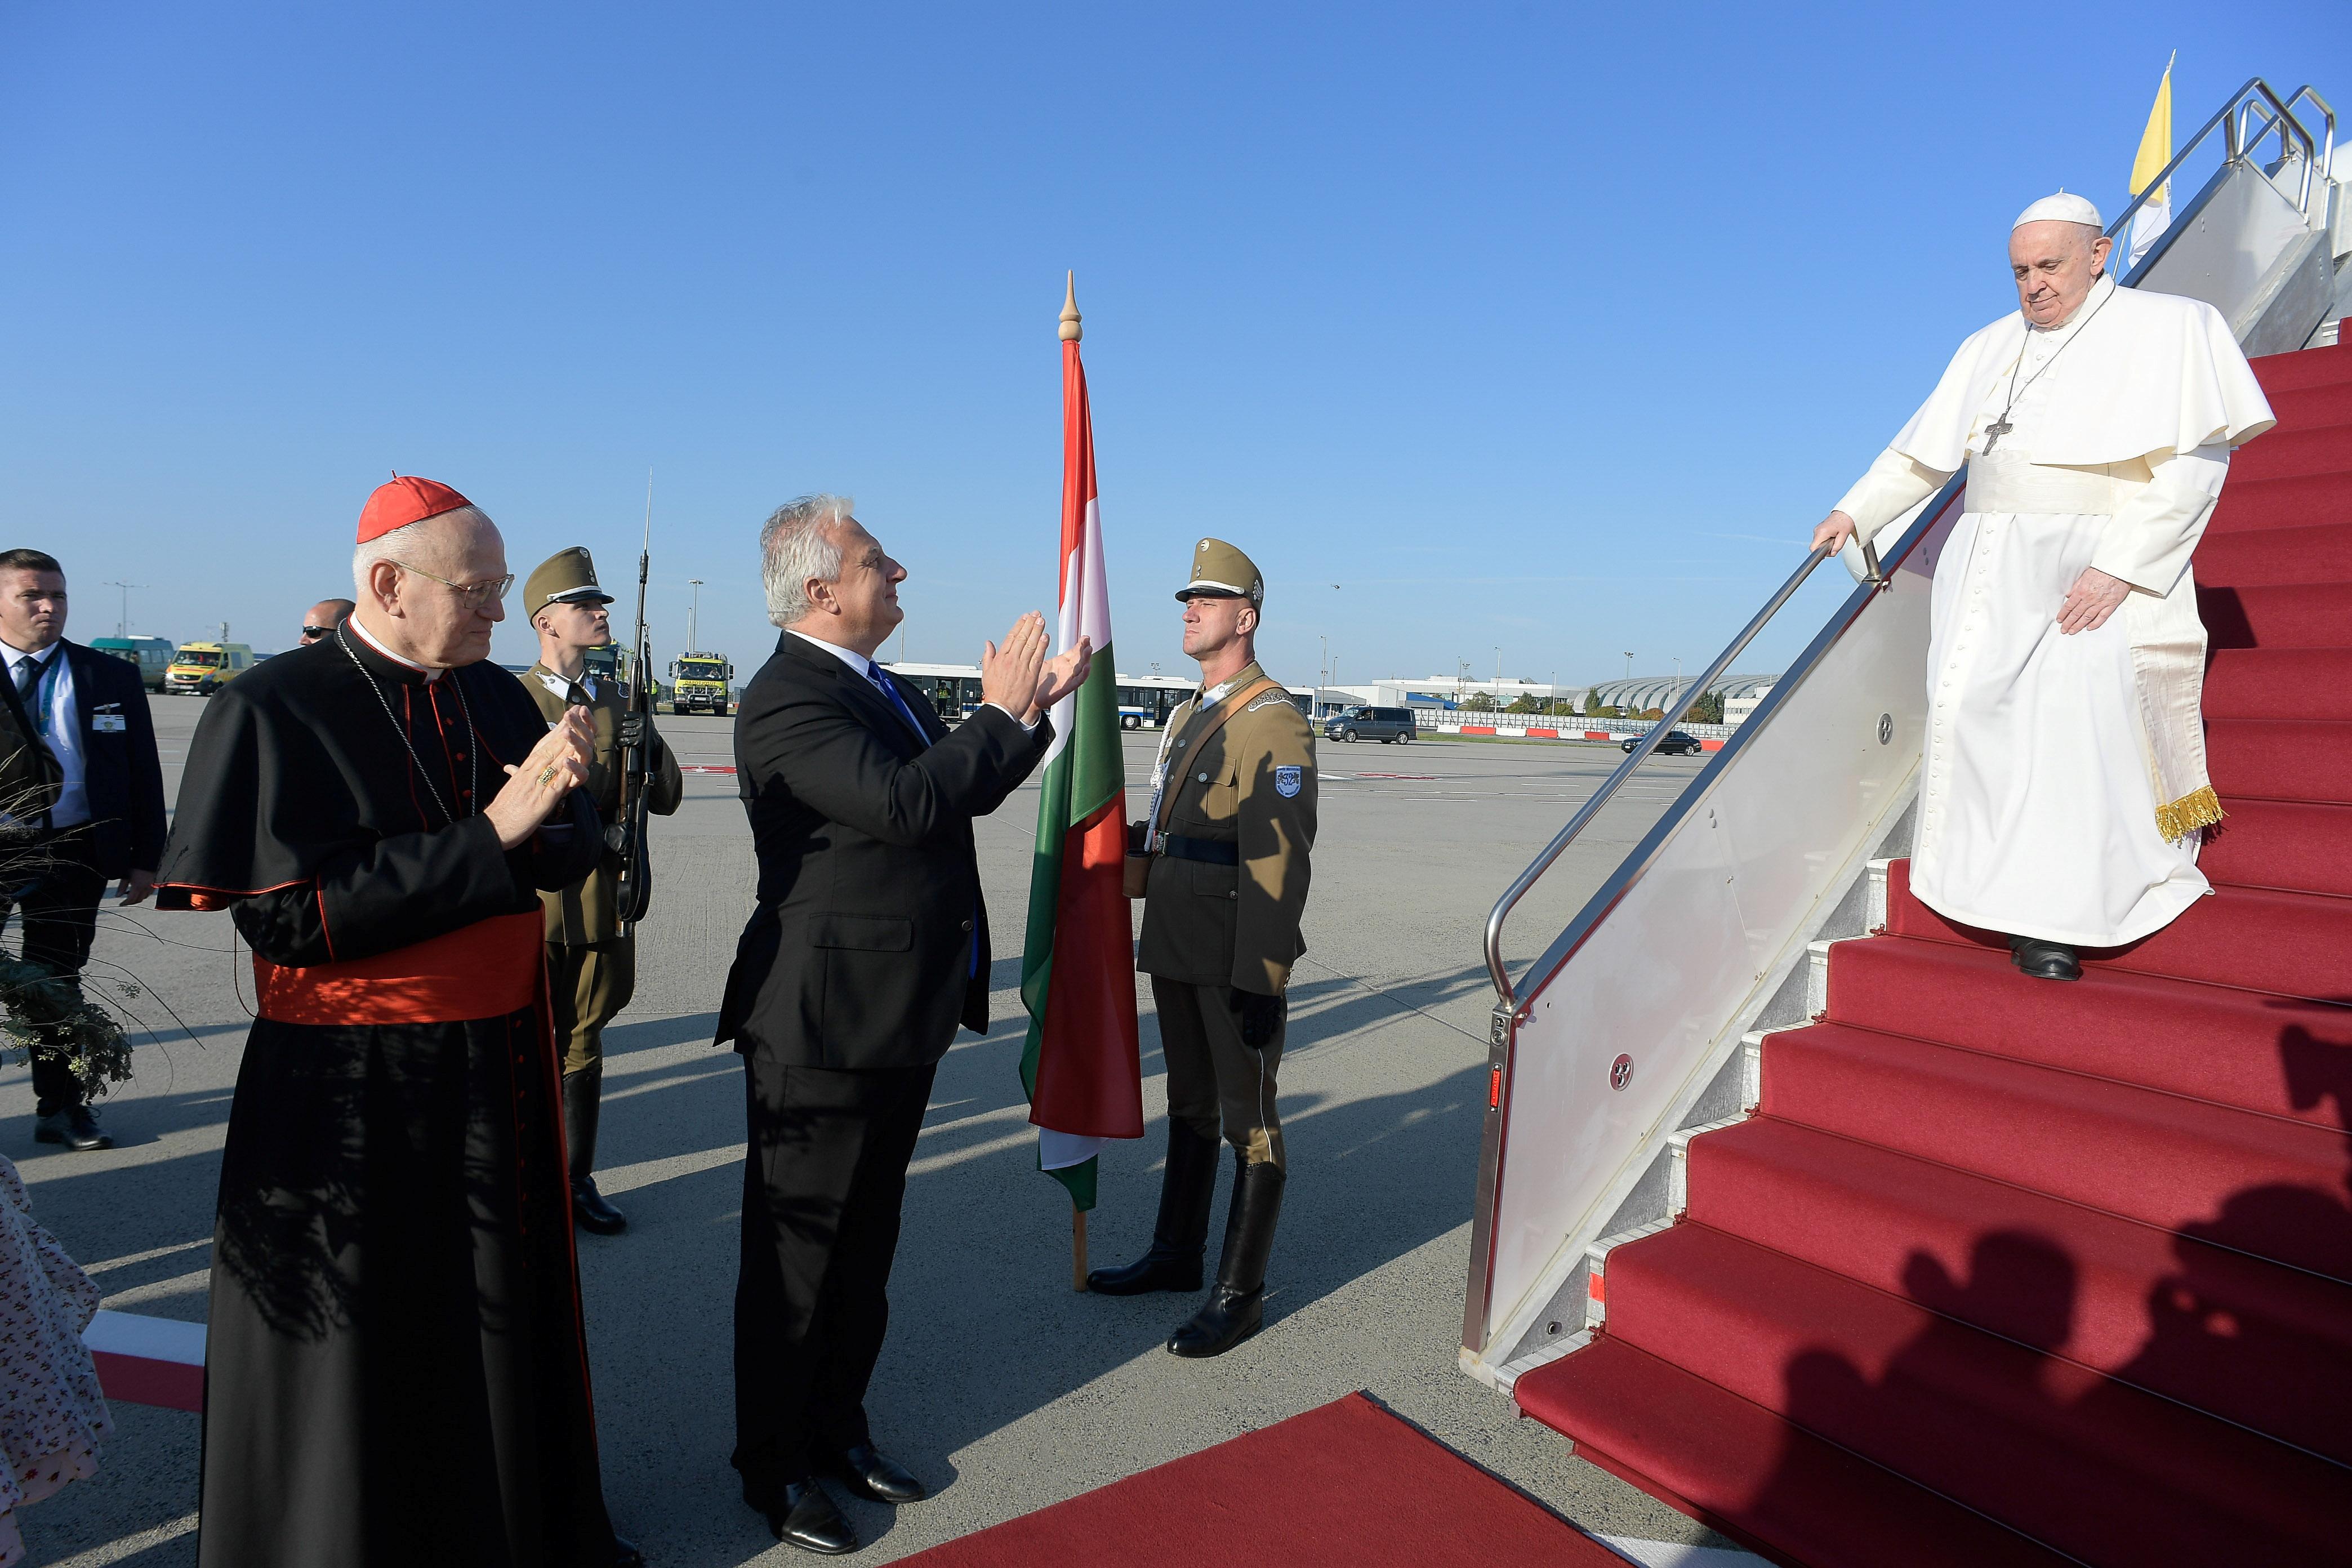 Ο Πάπας Φραγκίσκος φθάνει στο Διεθνές Αεροδρόμιο της Βουδαπέστης στη Βουδαπέστη, Ουγγαρία, 12 Σεπτεμβρίου 2021. Βατικανό Media/Handout via REUTERS ATTENTION EDITORS - THIS IMAGE IS WORED by A Third Party.